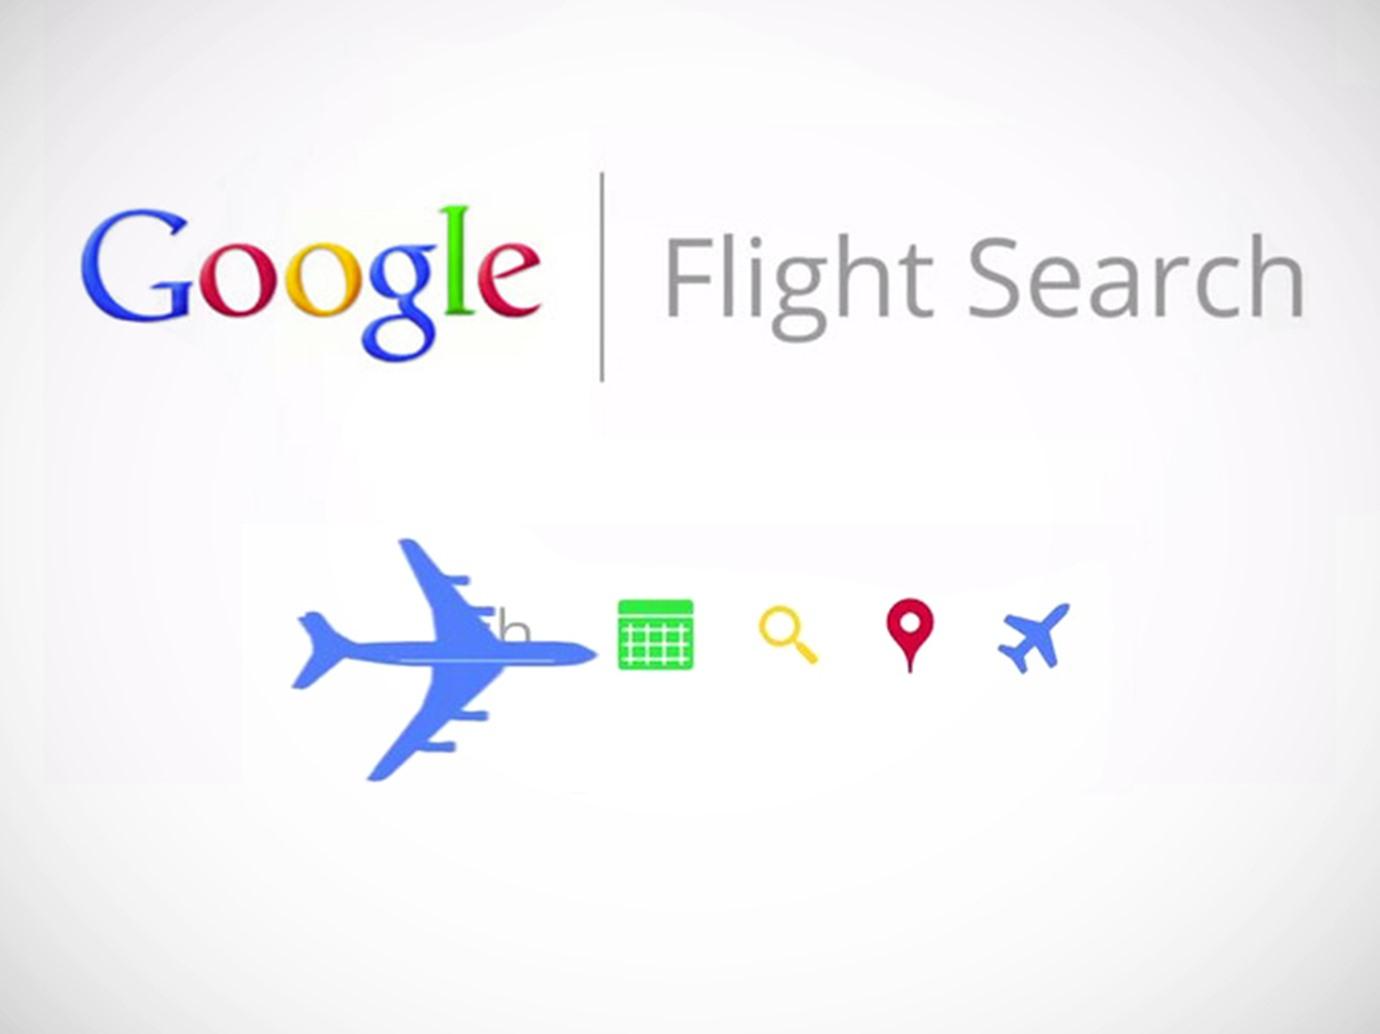 استخدم أداة جوجل لحجز تذاكر طيران رخيصة